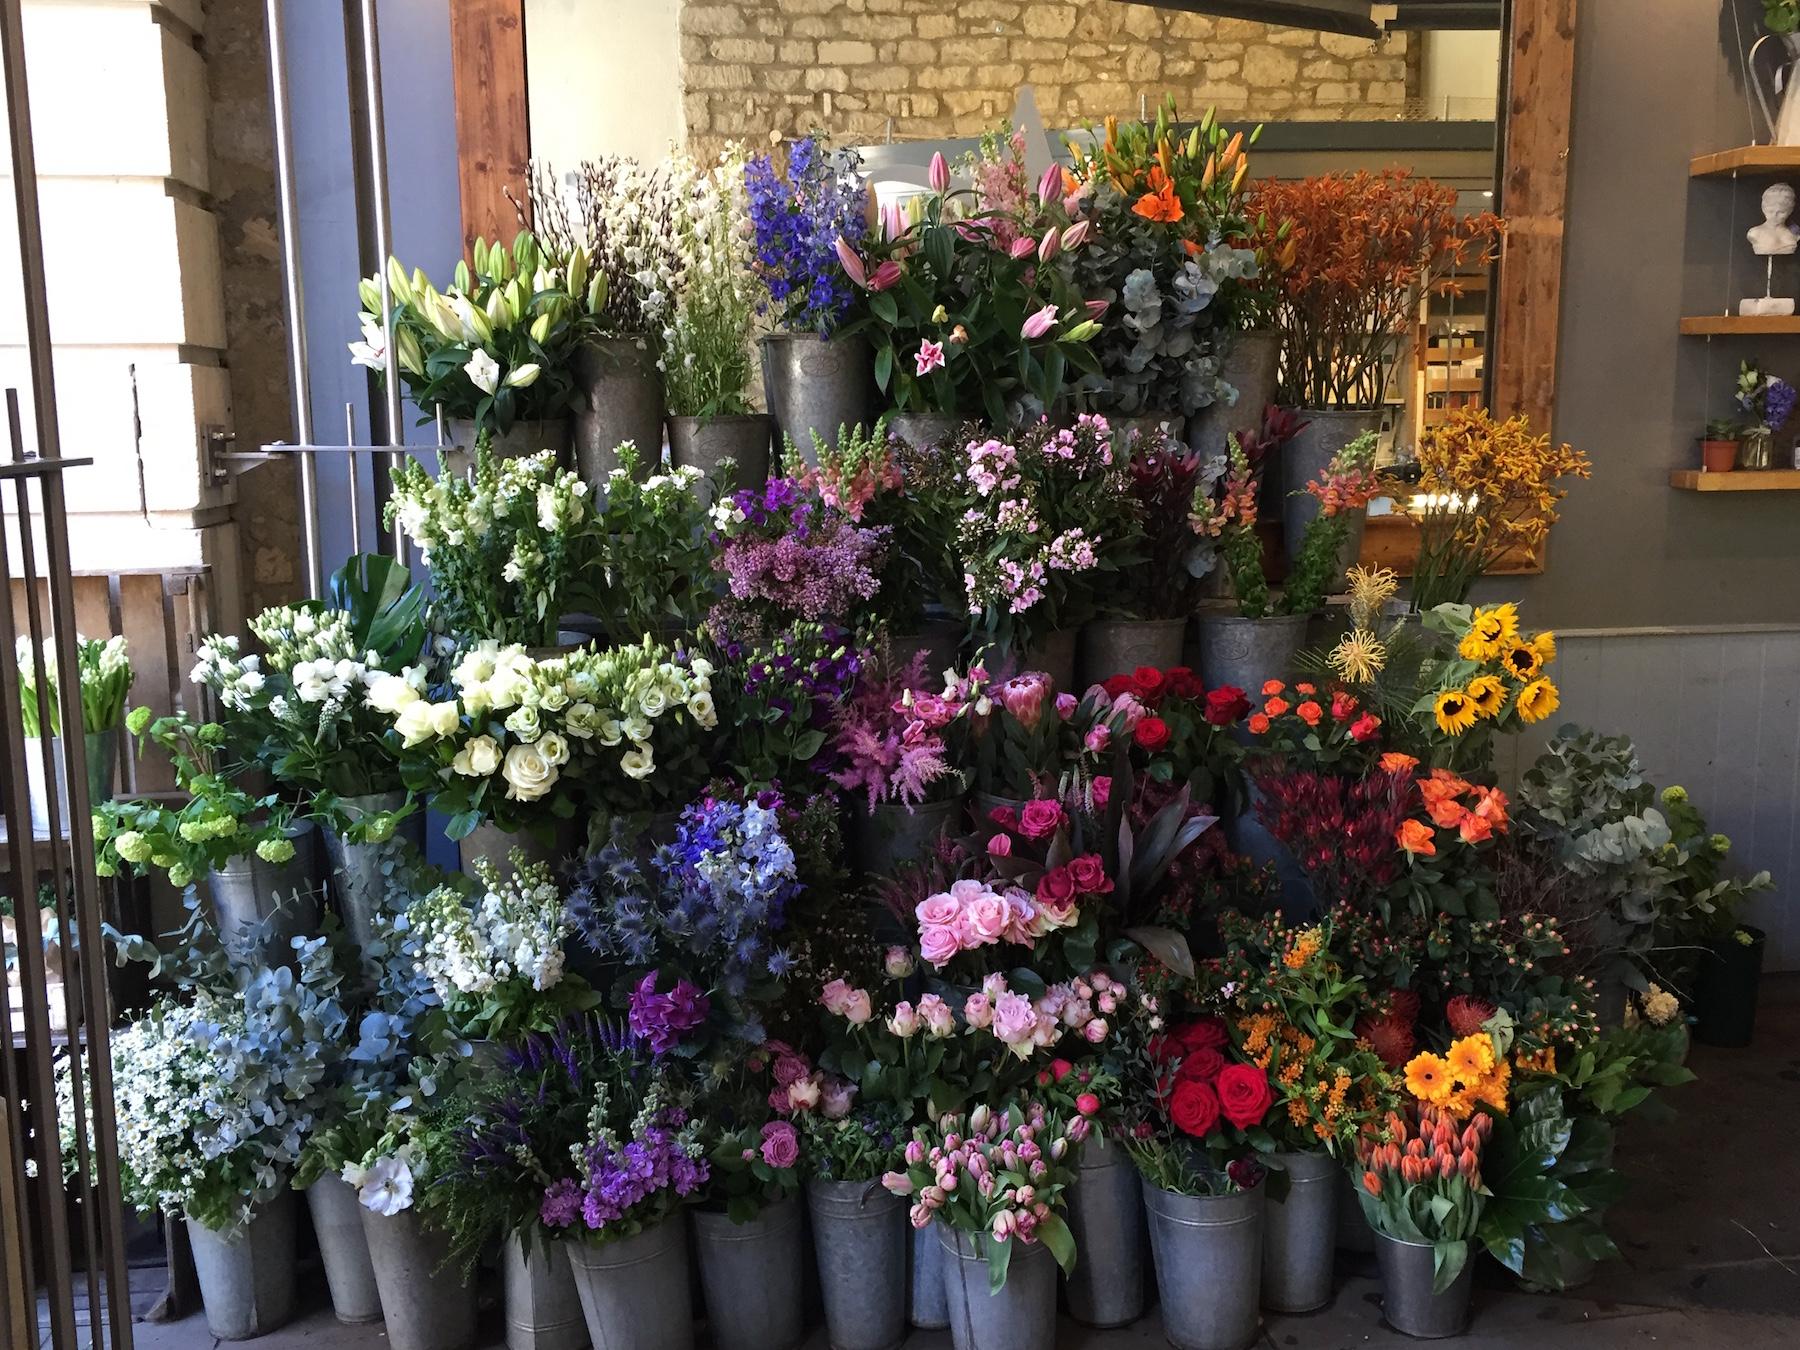 Bath - florist shop